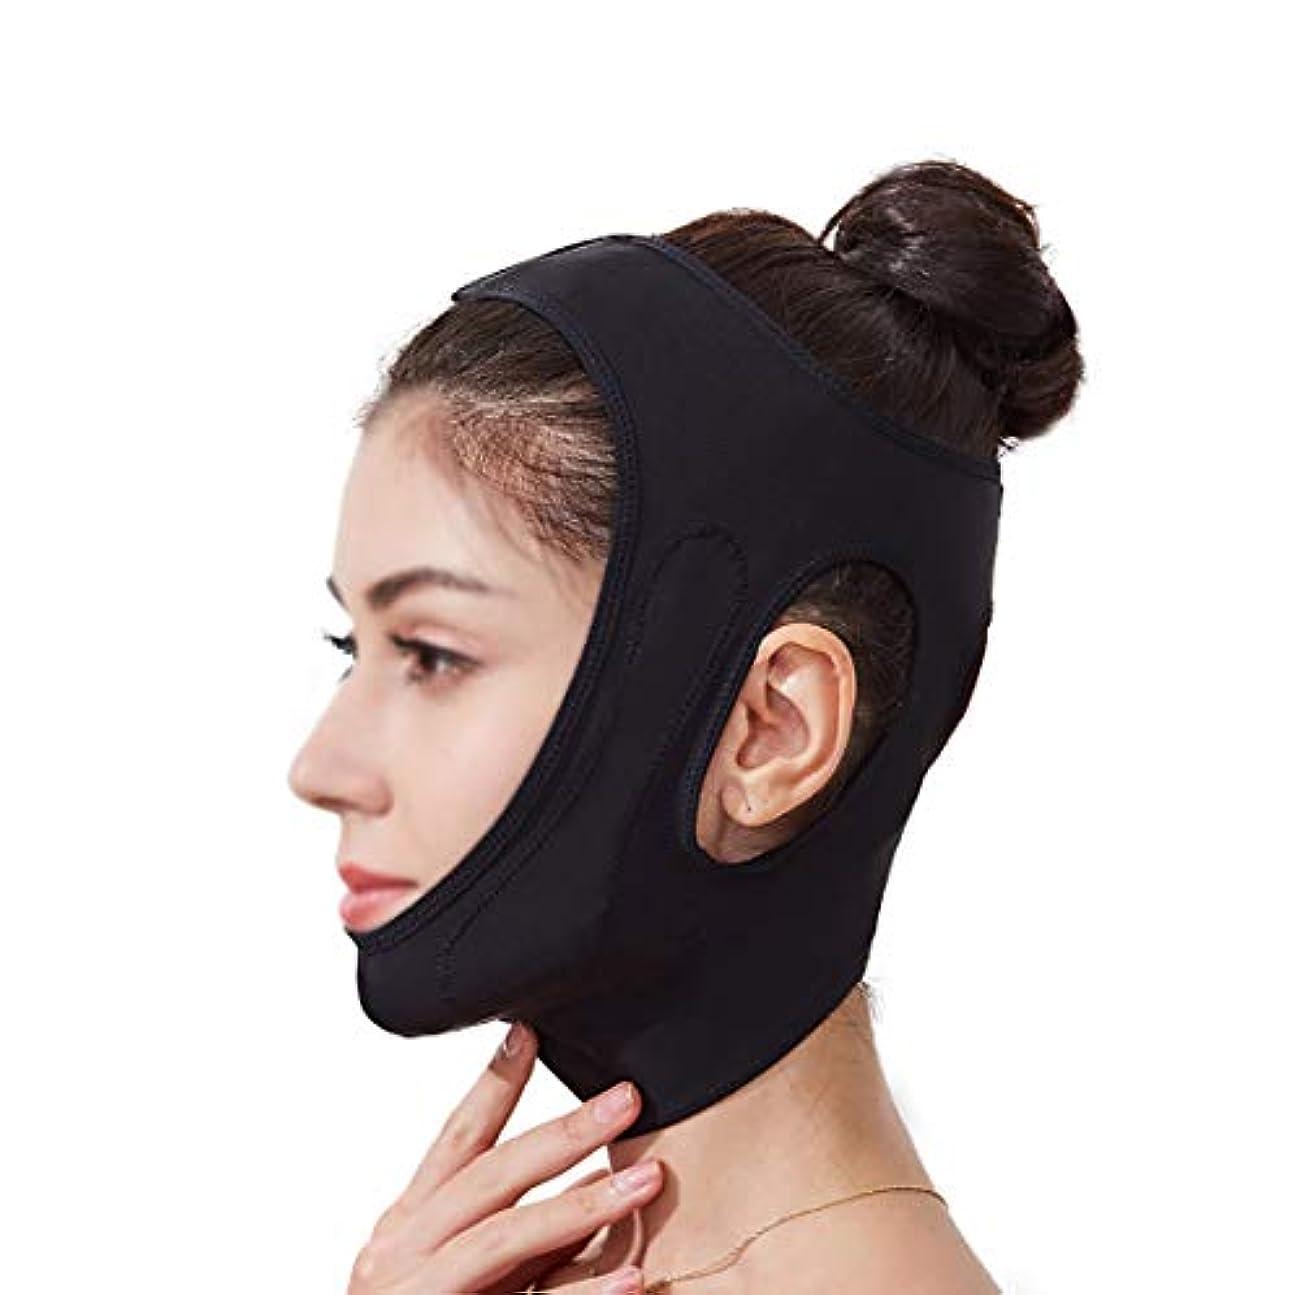 くびれた祈りオーチャードLJK フェイスリフティングマスク、360°オールラウンドリフティングフェイシャルコンター、あごを閉じて肌を引き締め、快適でフェイスライトと通気性をサポート (Color : Black)